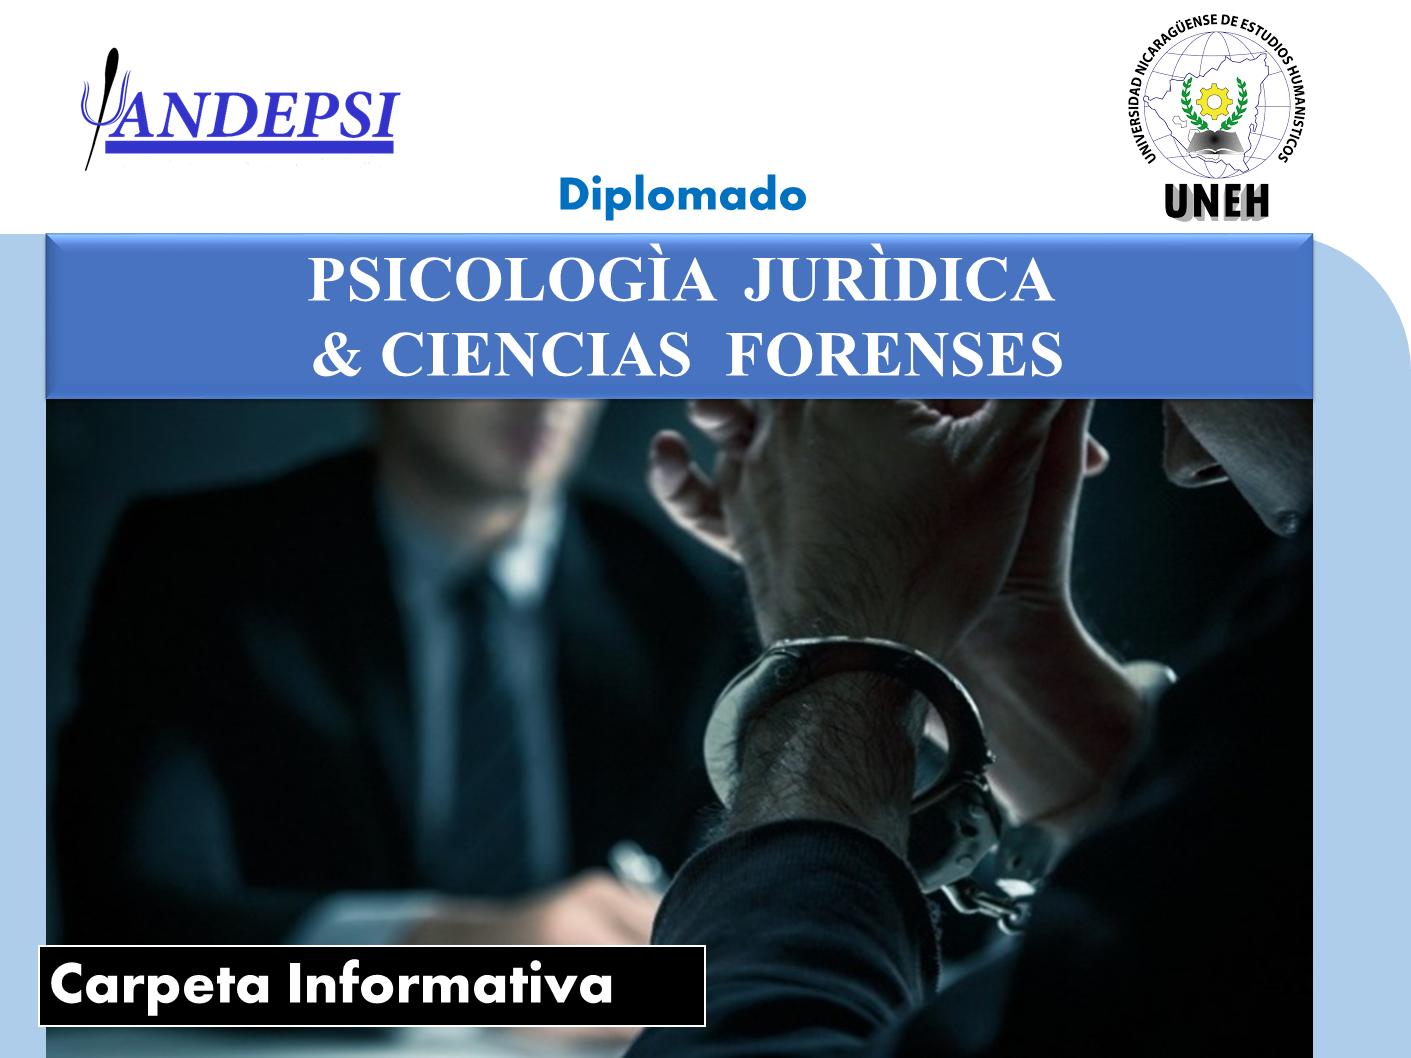 Diplomado Psicología J, y Ciencias F.